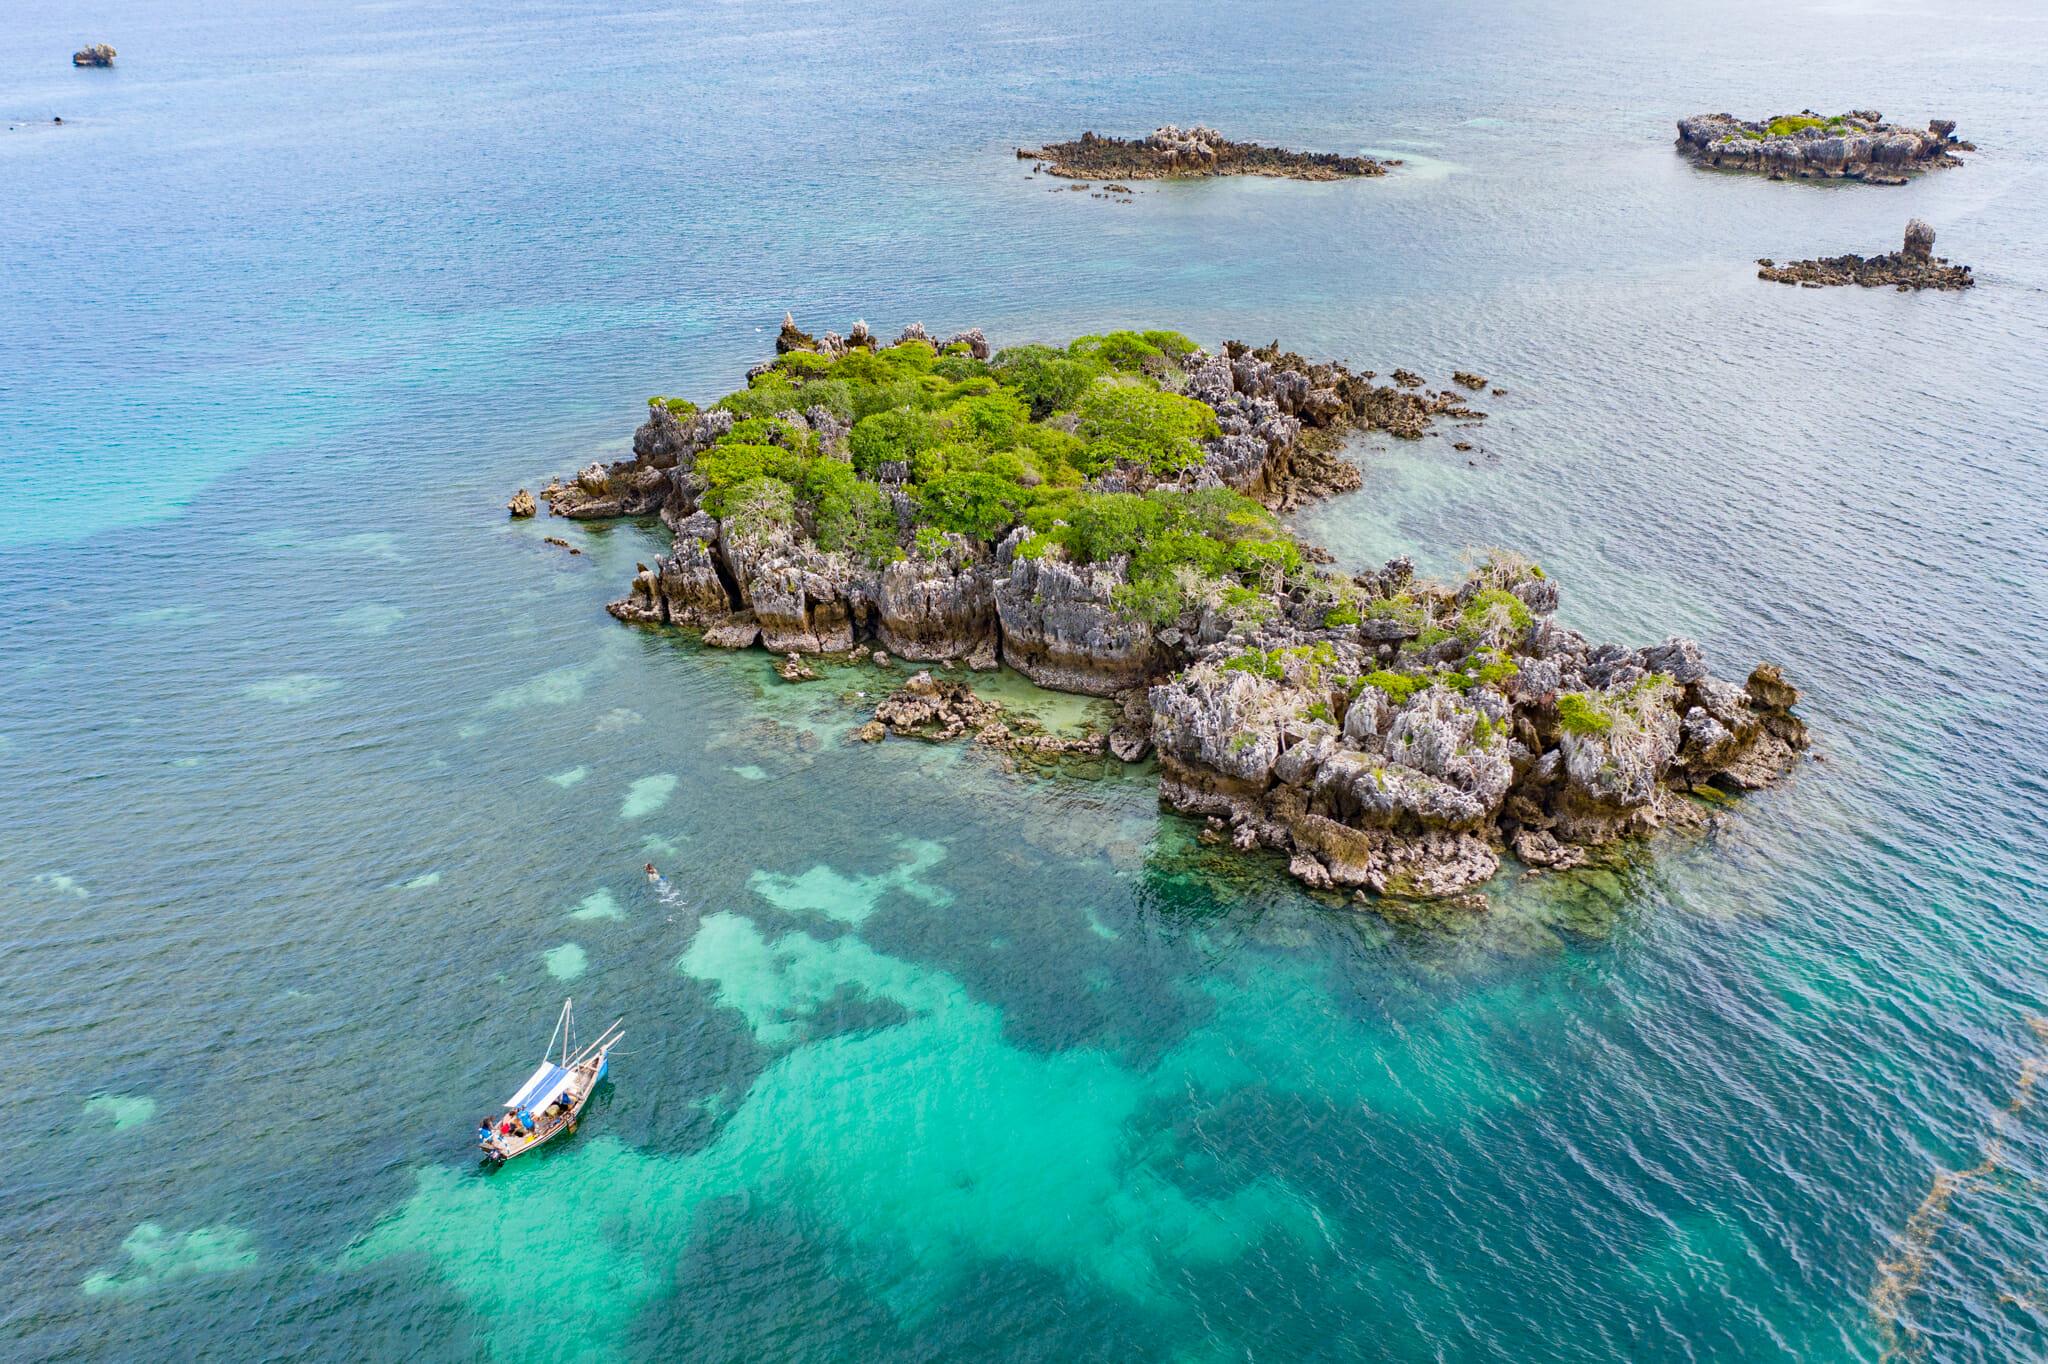 Vue de drone sur spot de snorkelling à chole island